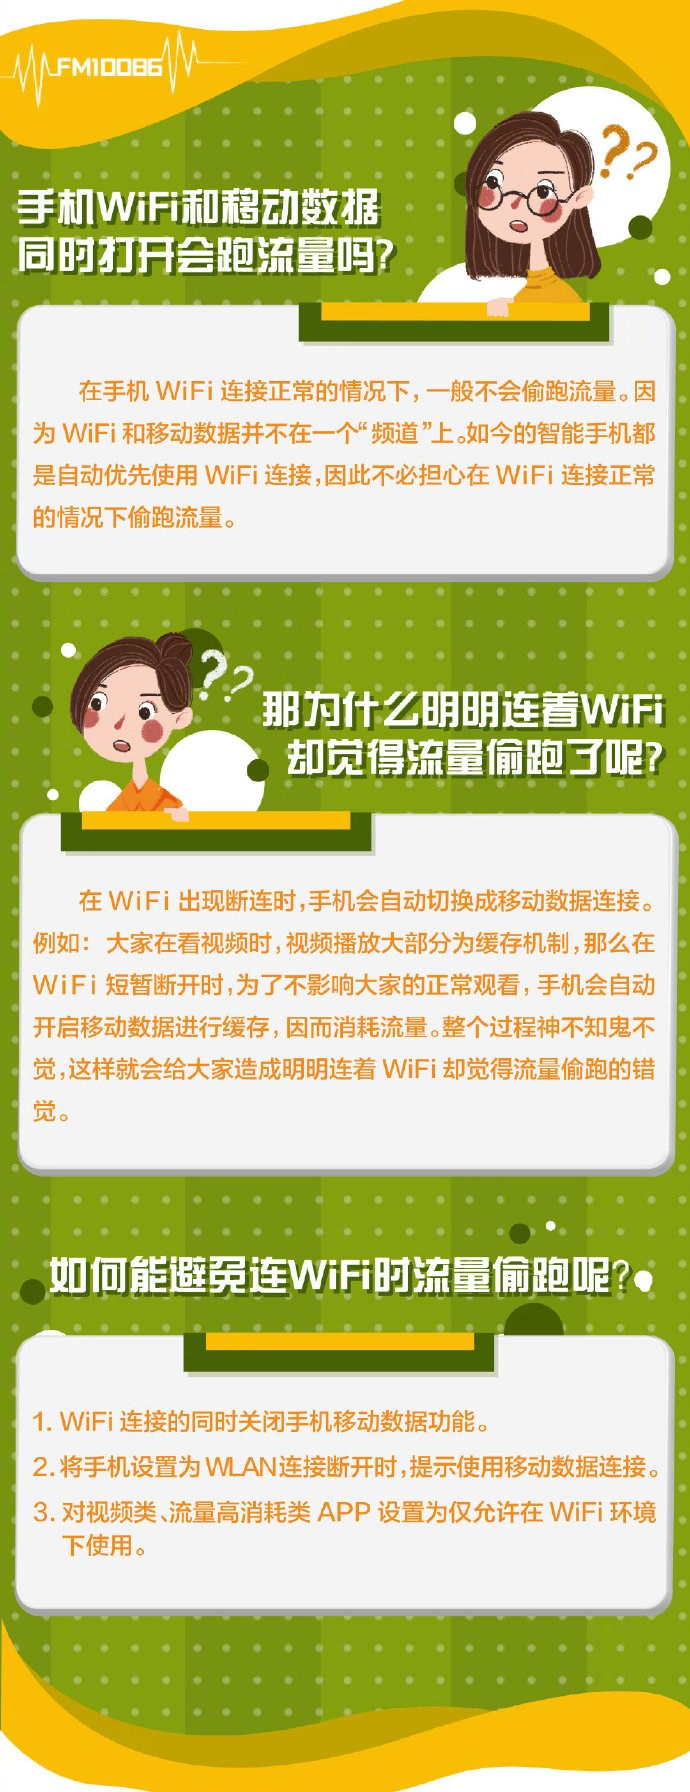 中国移动:手机连接Wi-Fi后要关闭移动网络吗_数据